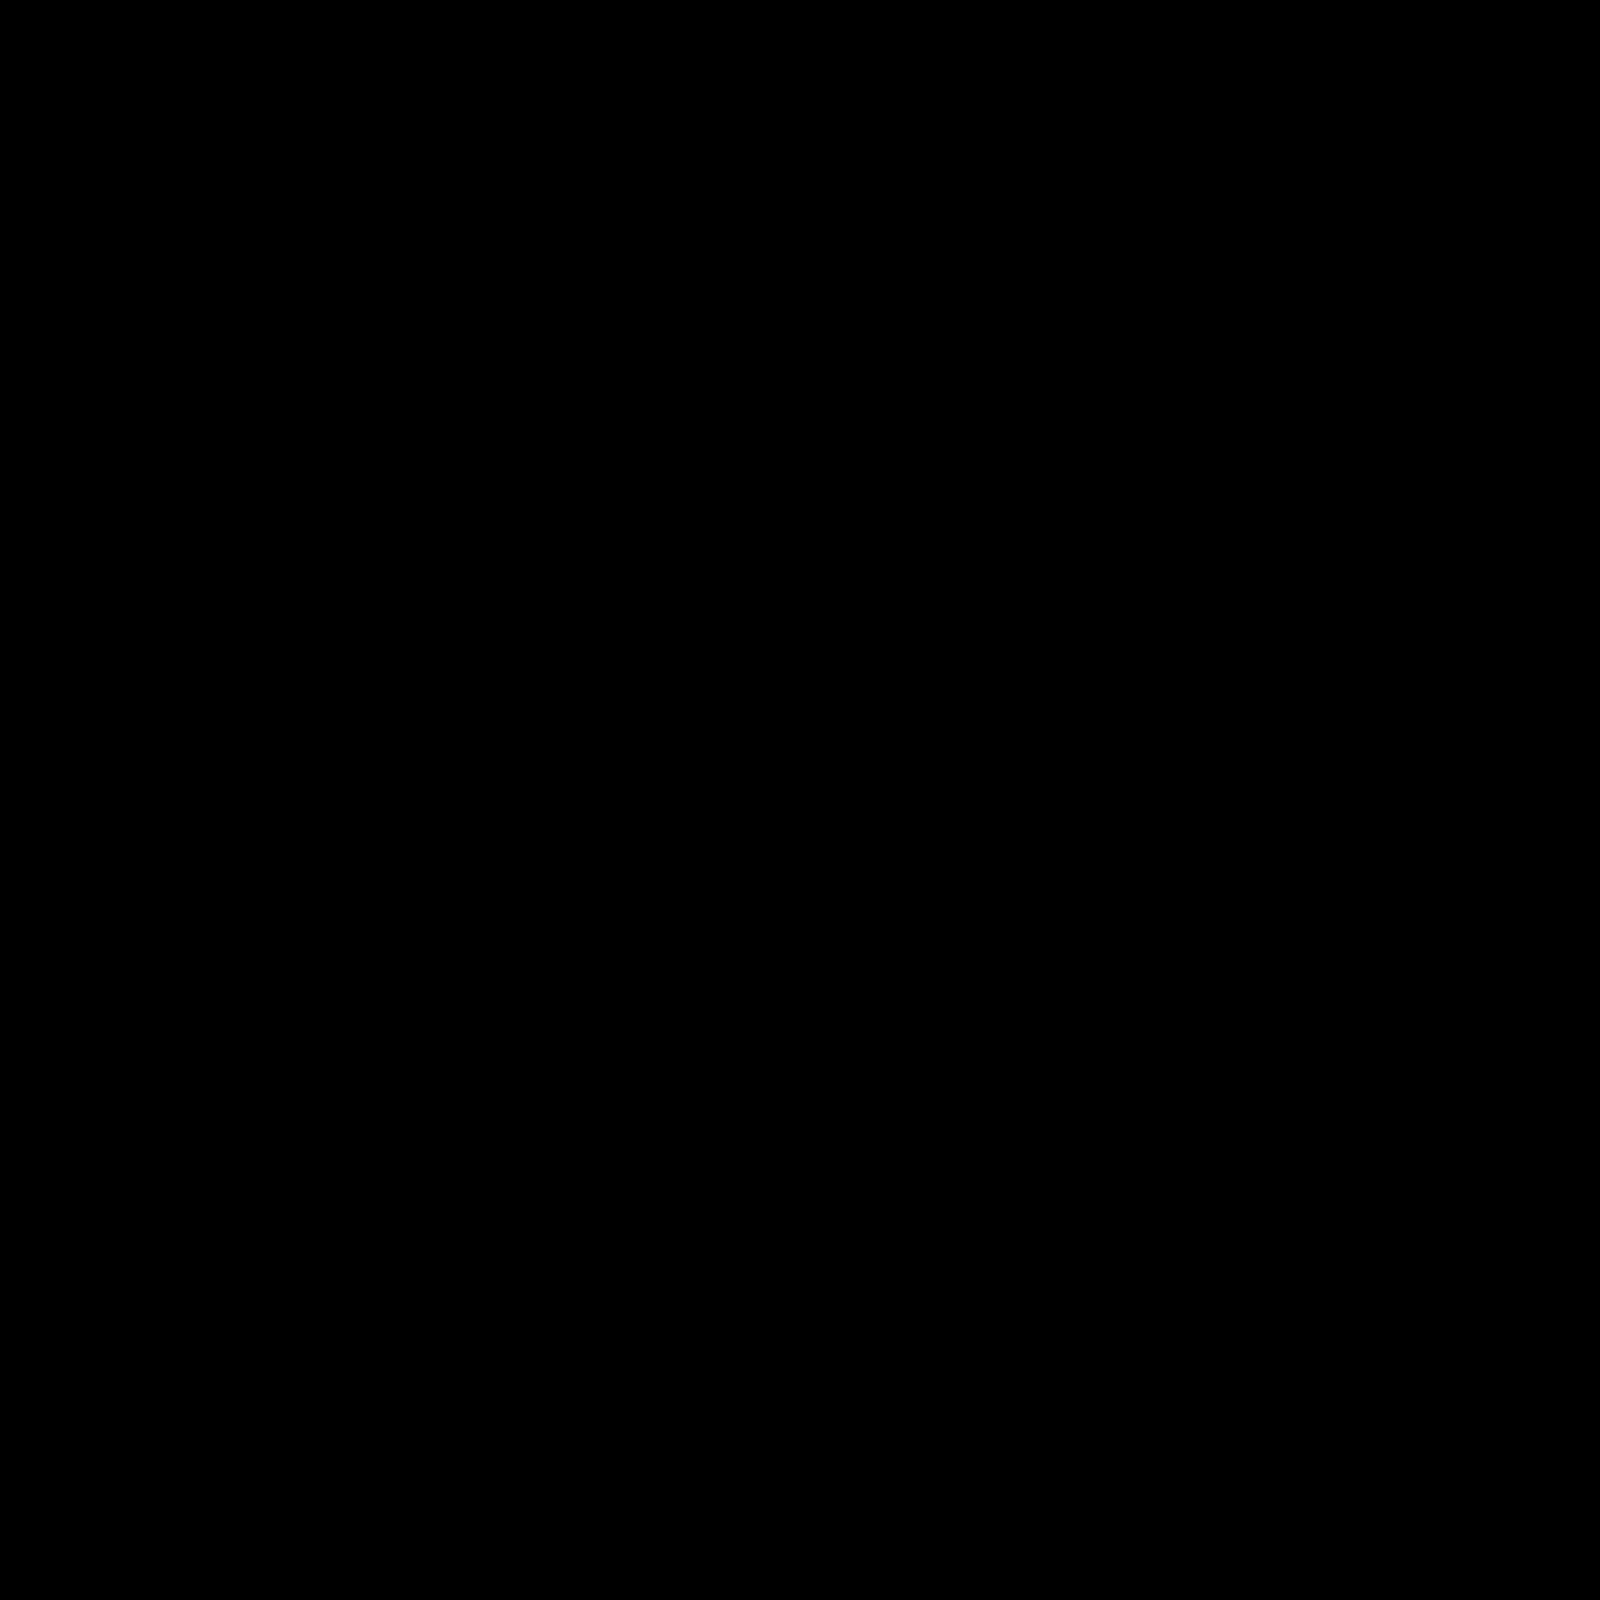 Яичница-глазунья icon